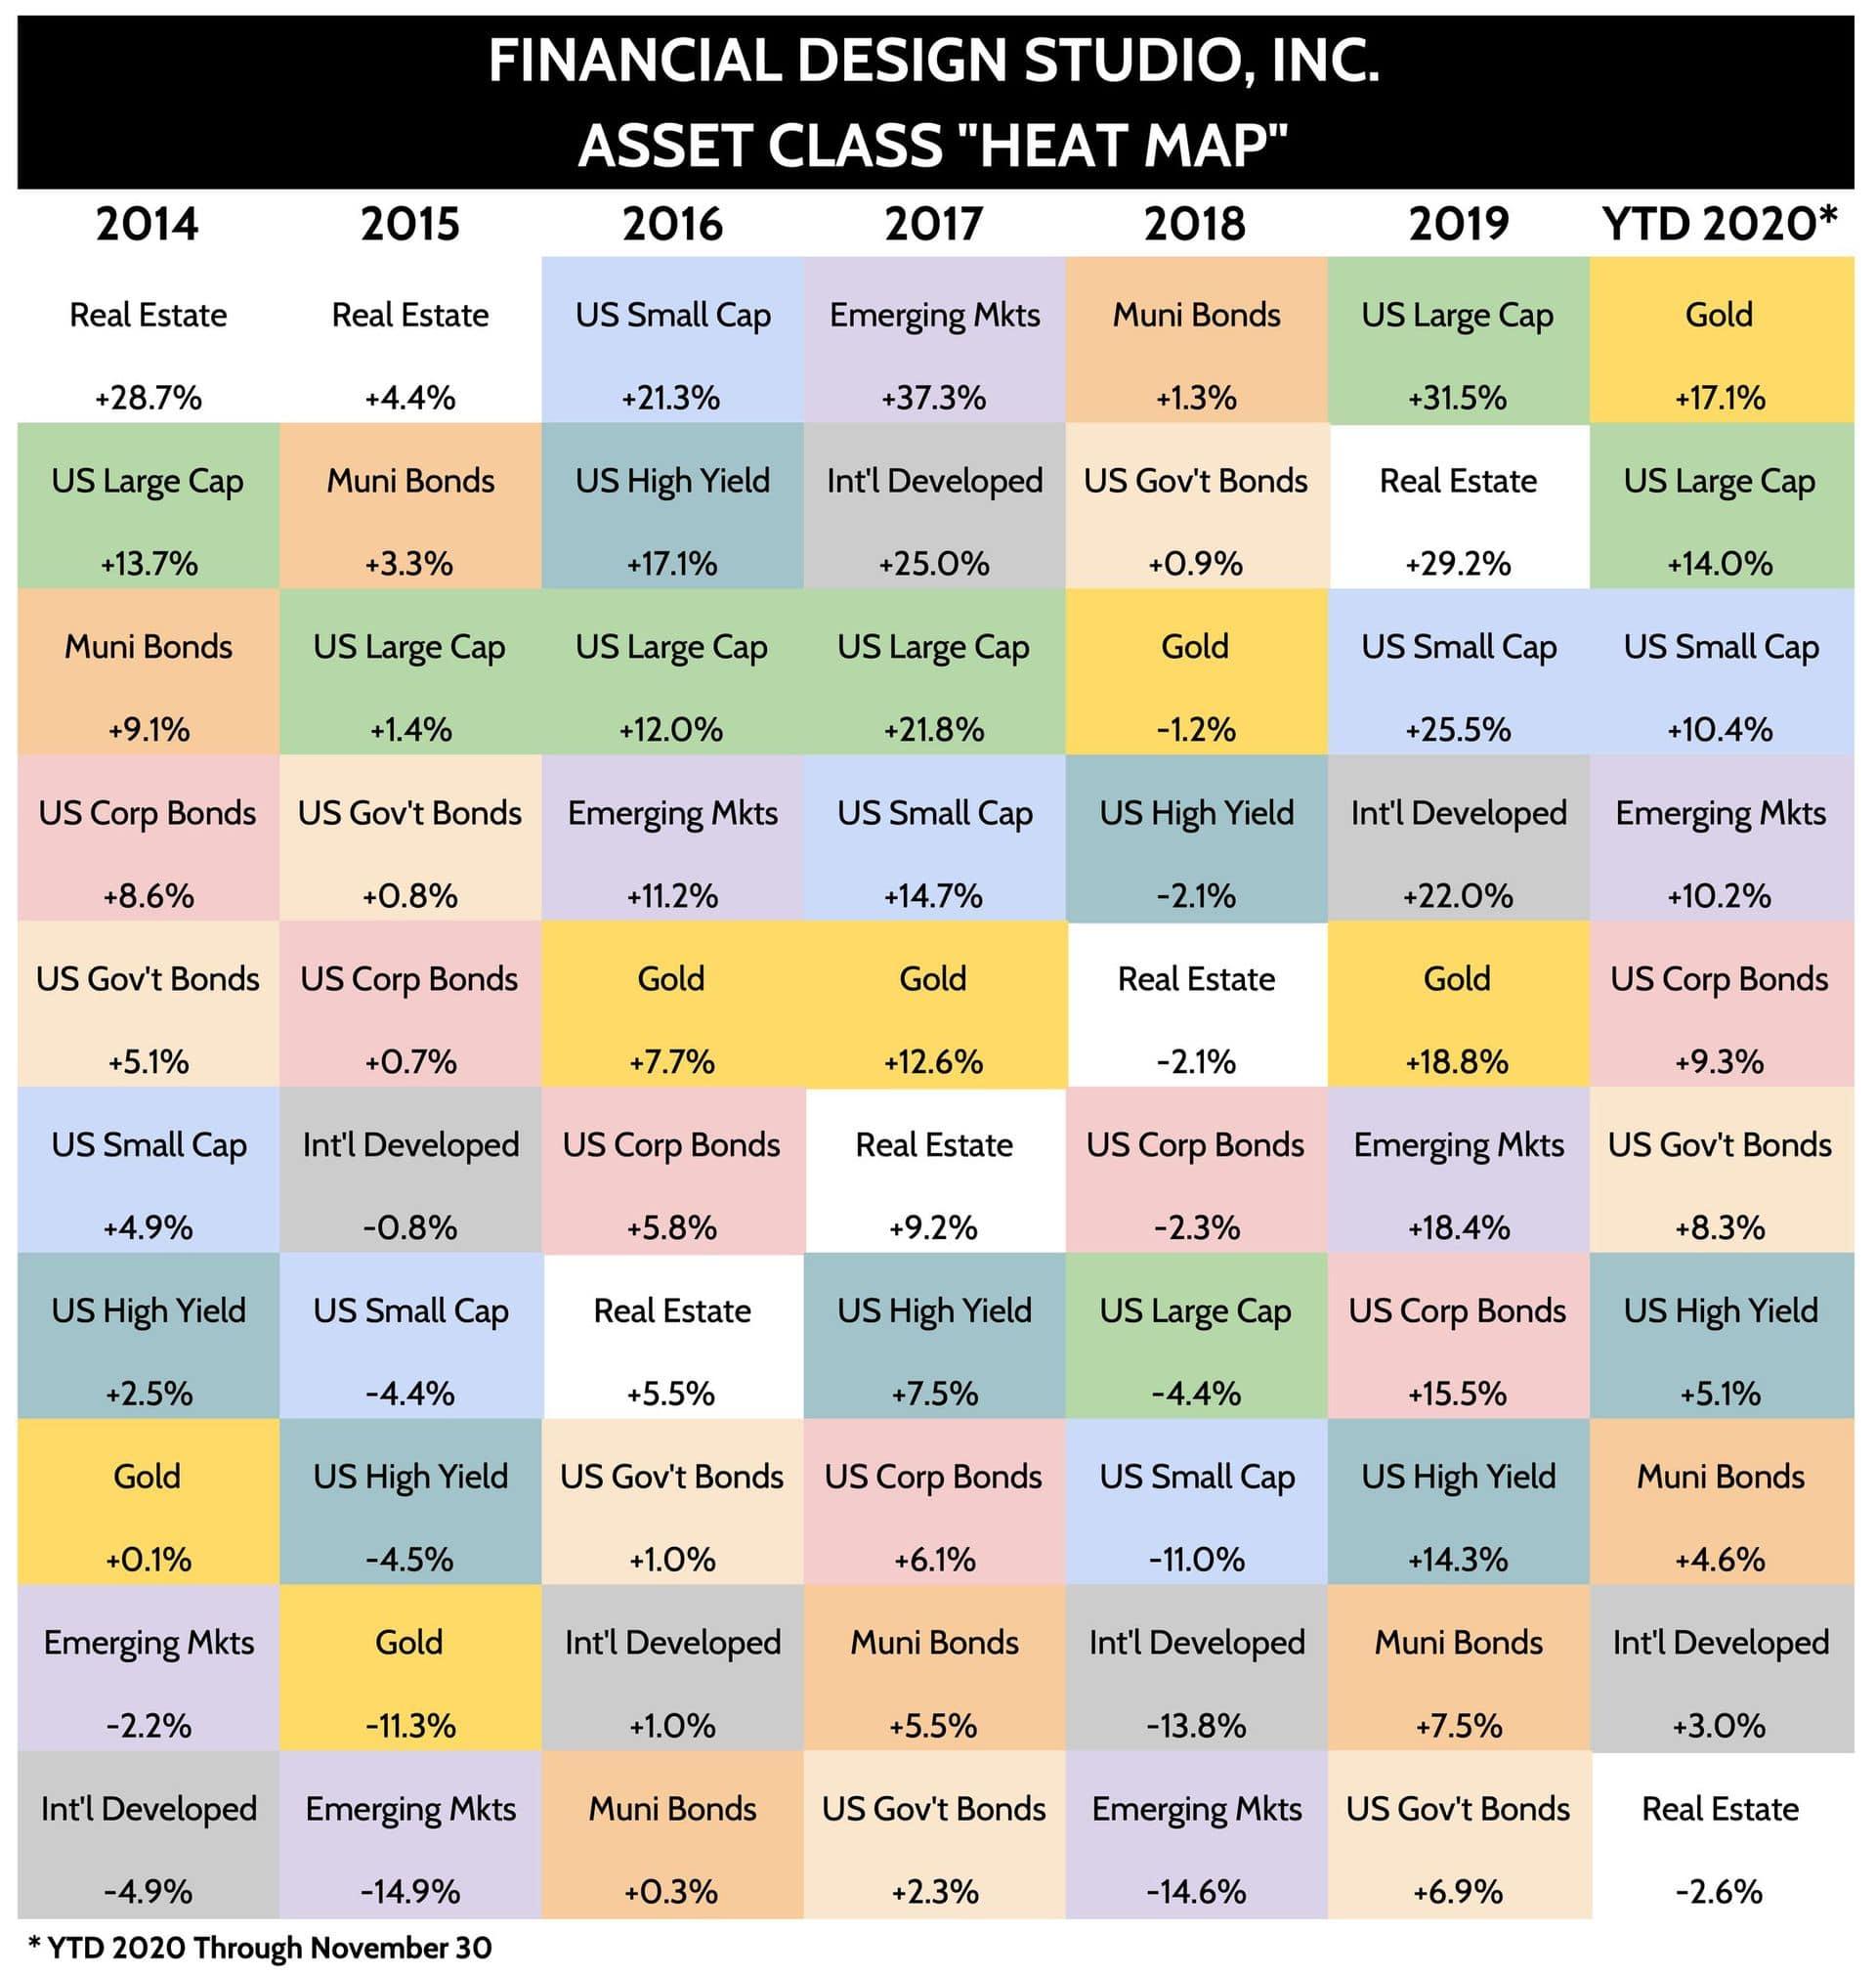 2020 Asset Class Investment Returns Heat Map